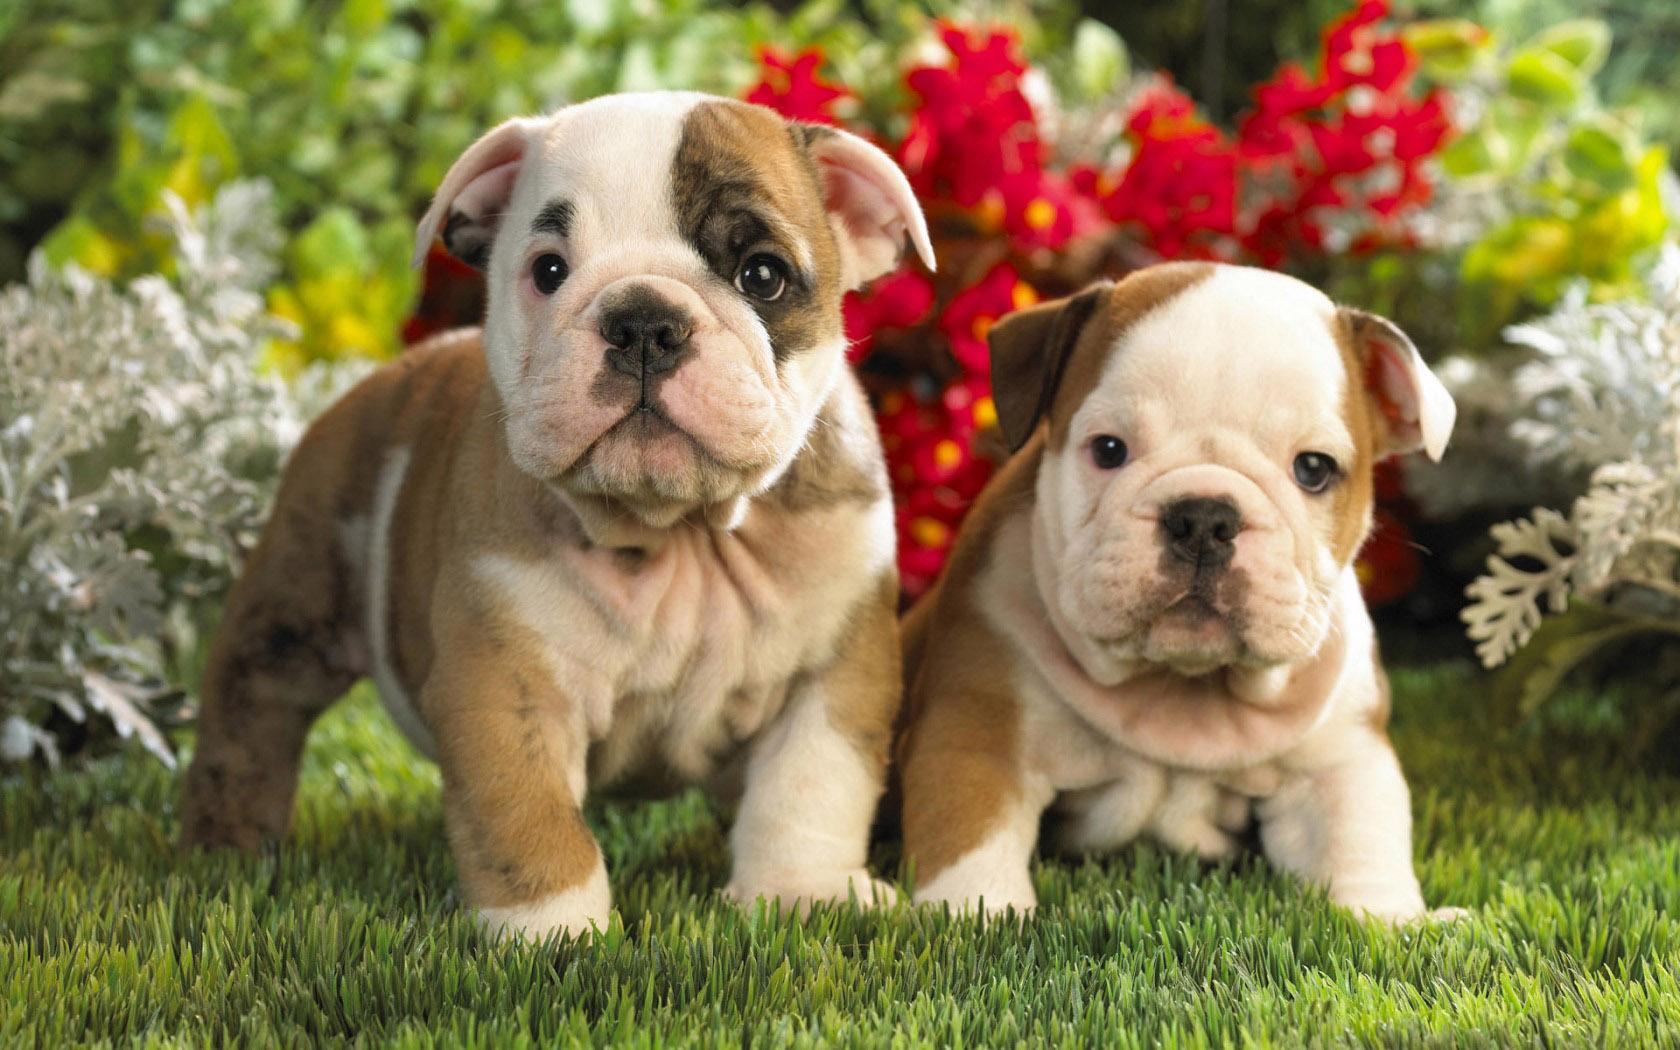 Adorable Bulldog Wallpaper